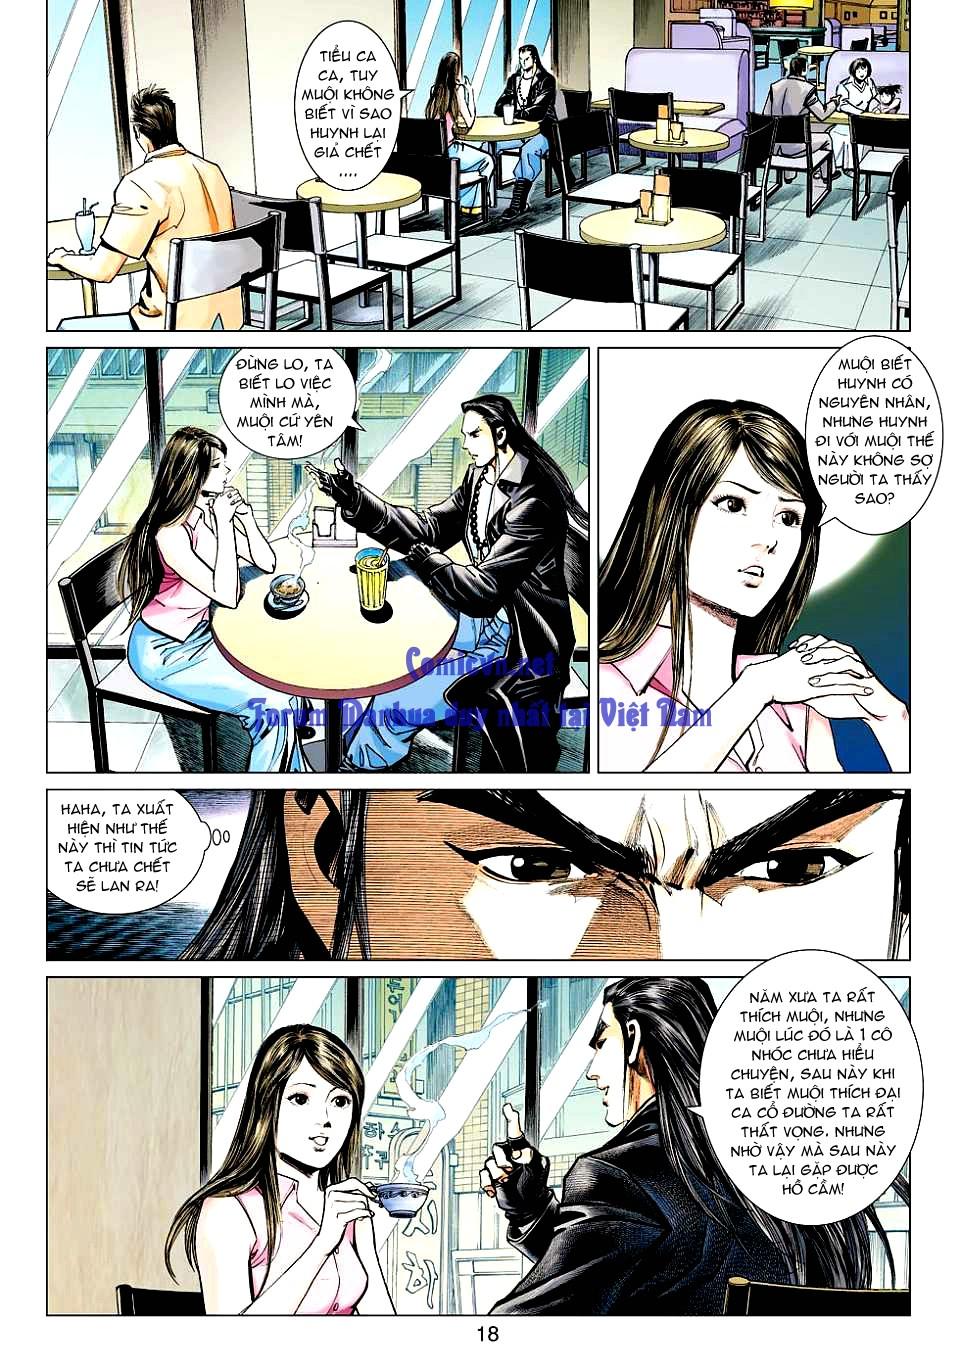 Vương Phong Lôi 1 chap 12 - Trang 17